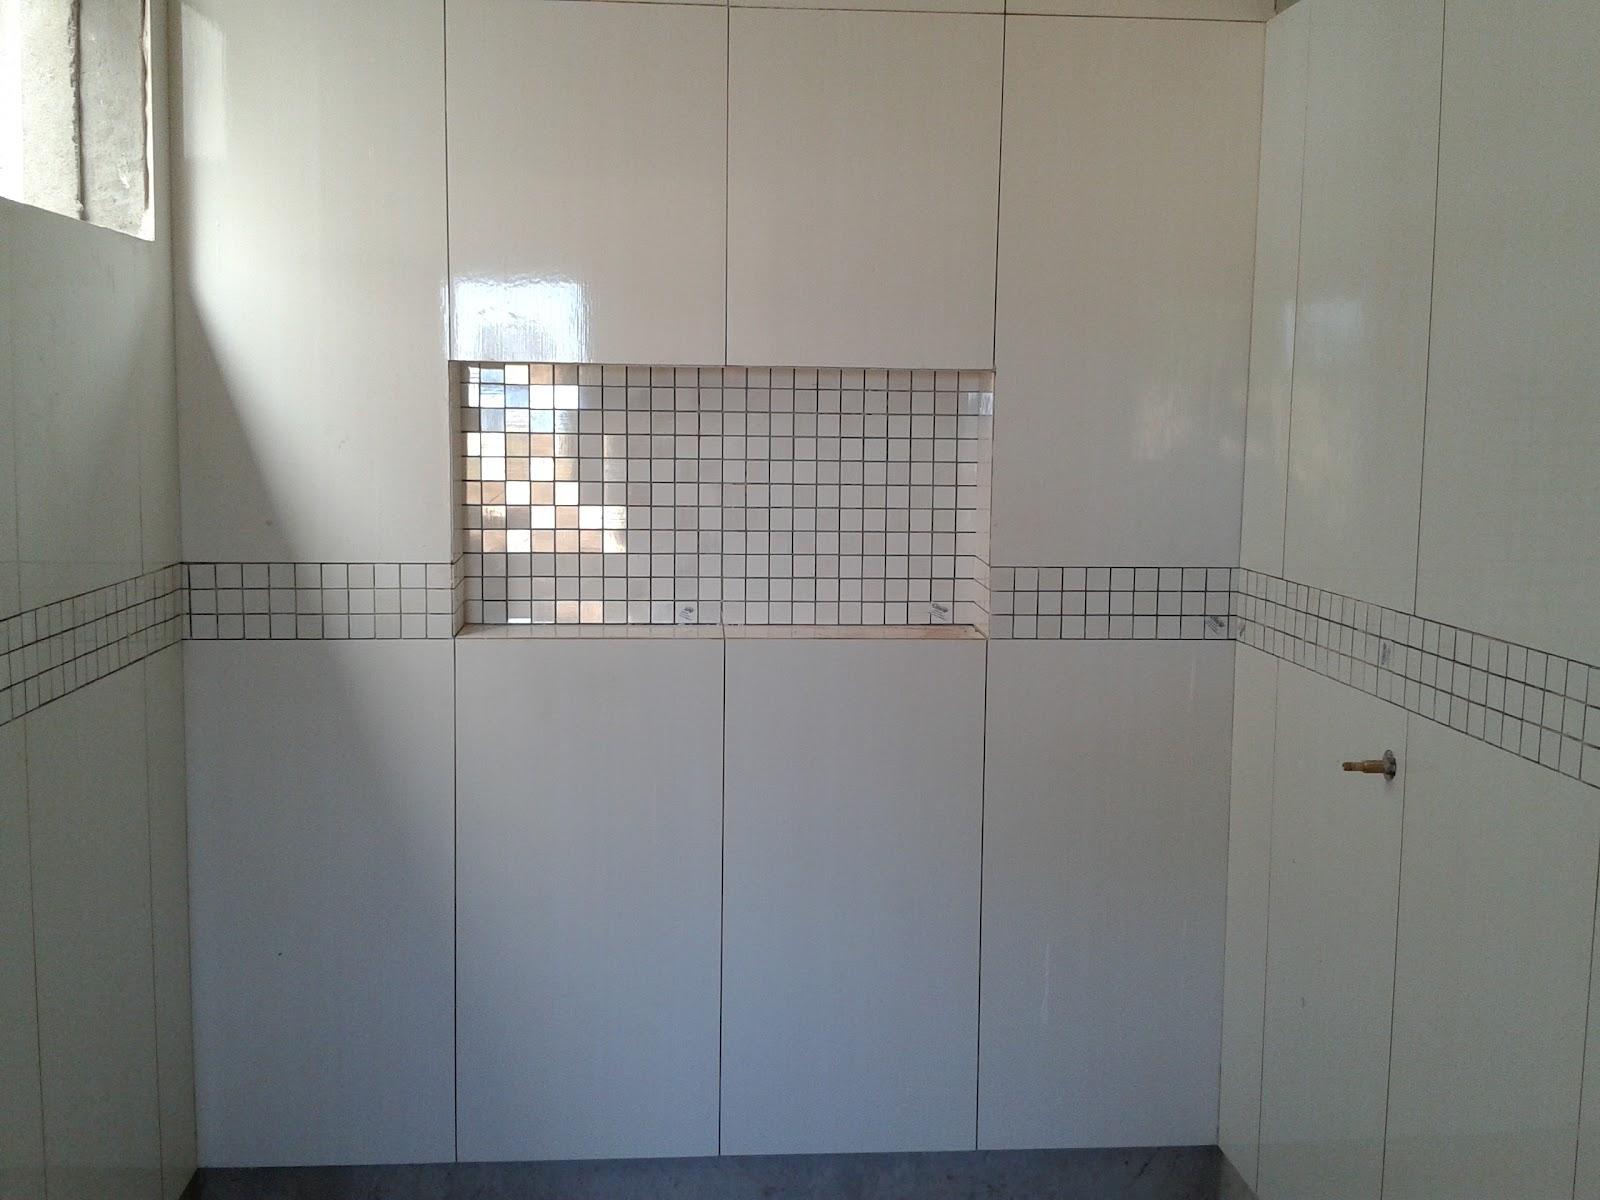 Imagens de #3F4A5C Banheiro com as pastilhas colocadas olhem meu nicho! Adorei! 1600x1200 px 3698 Banheiros Prontos Fotos